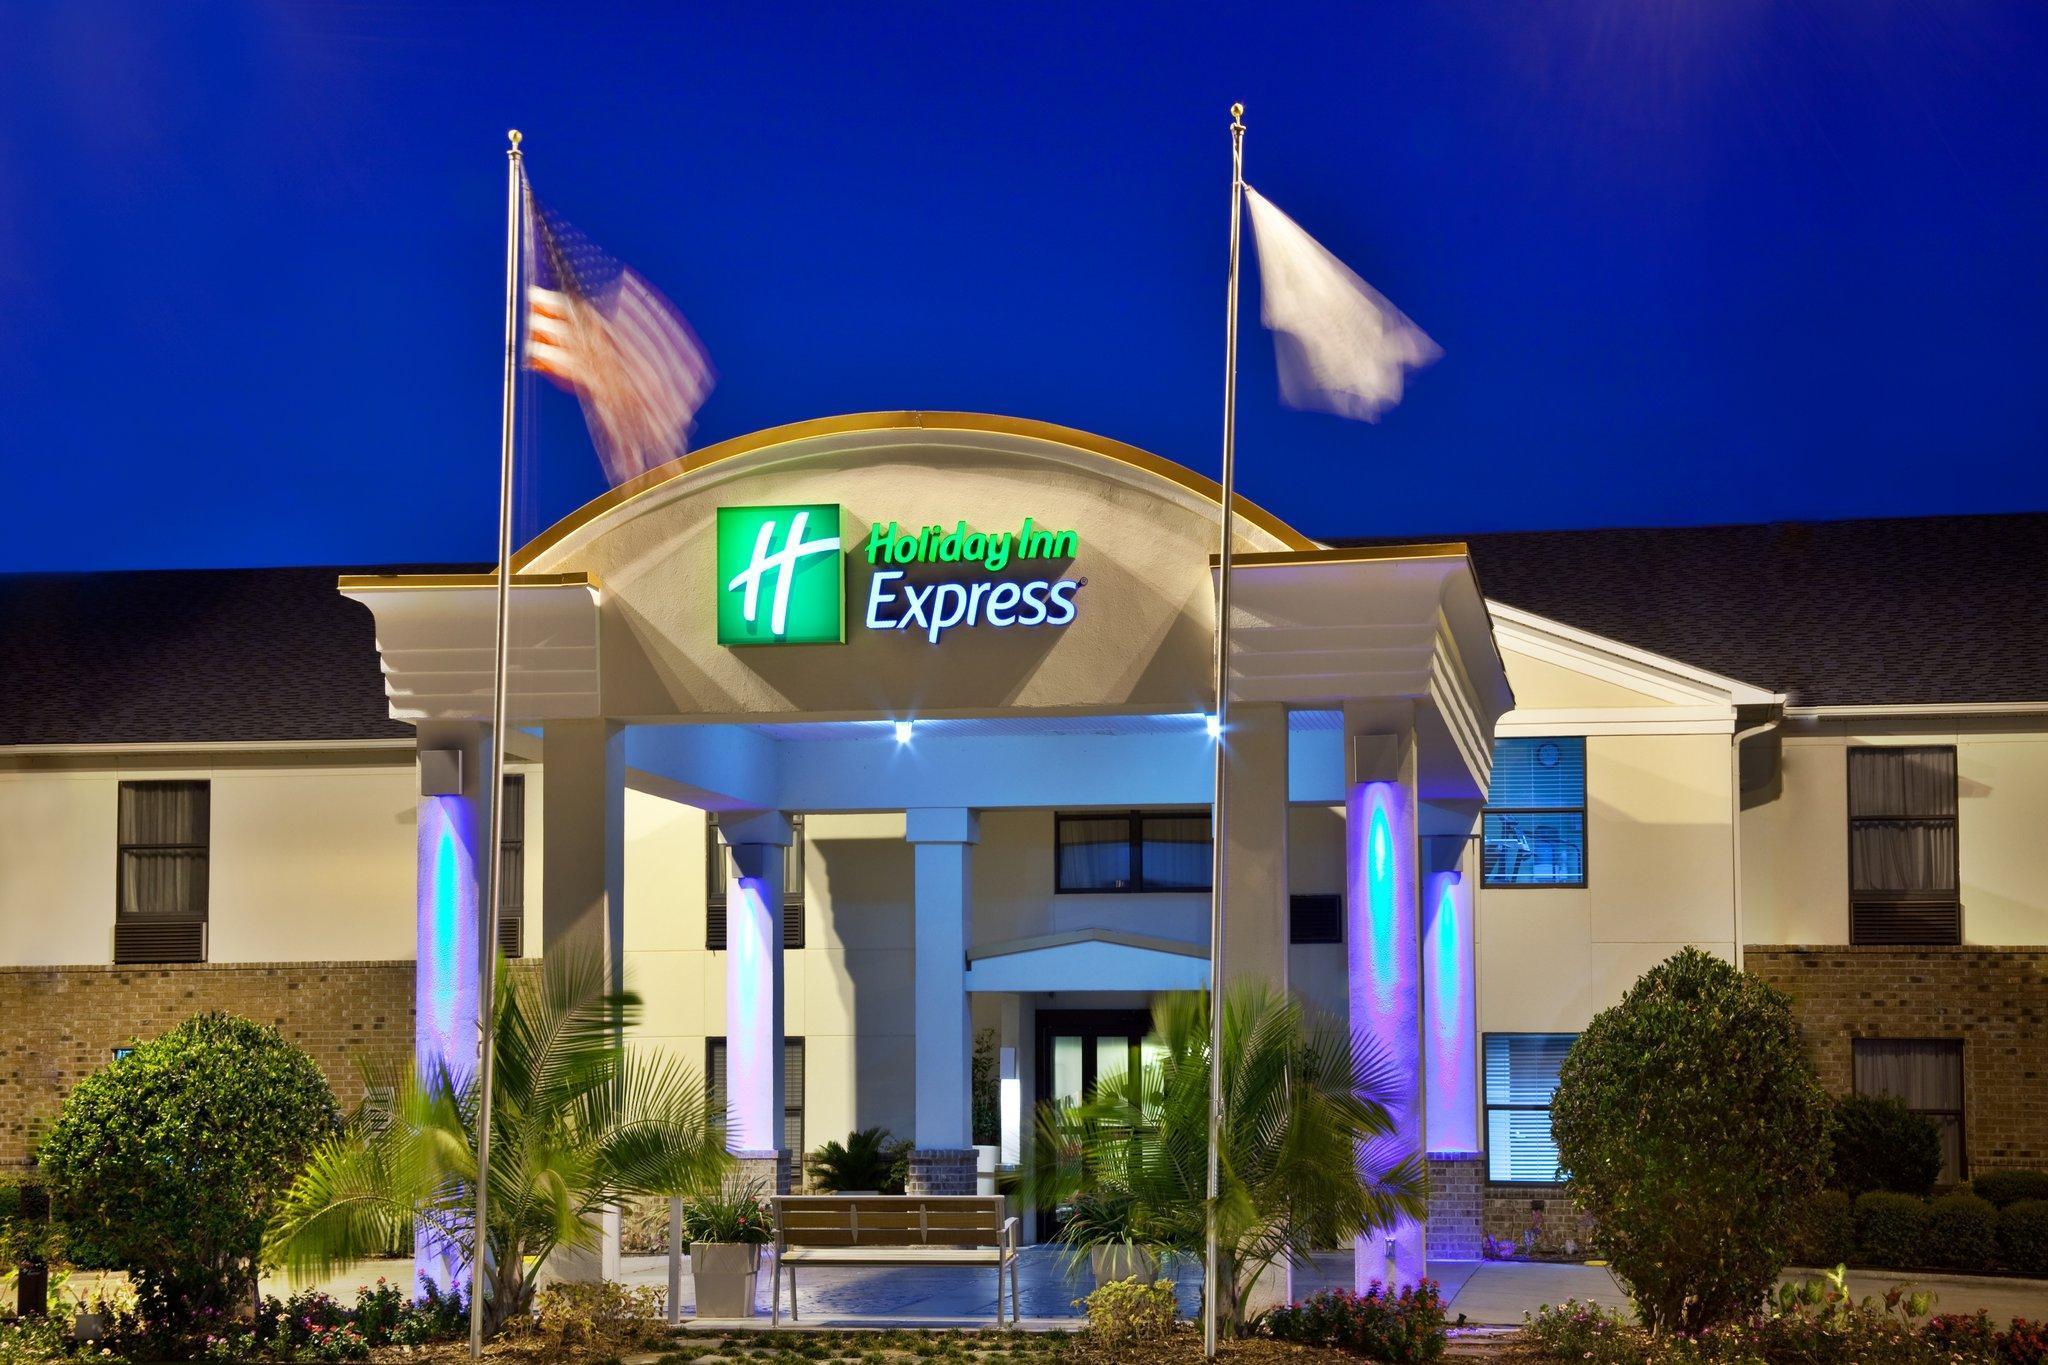 Holiday Inn Express Breaux Bridge